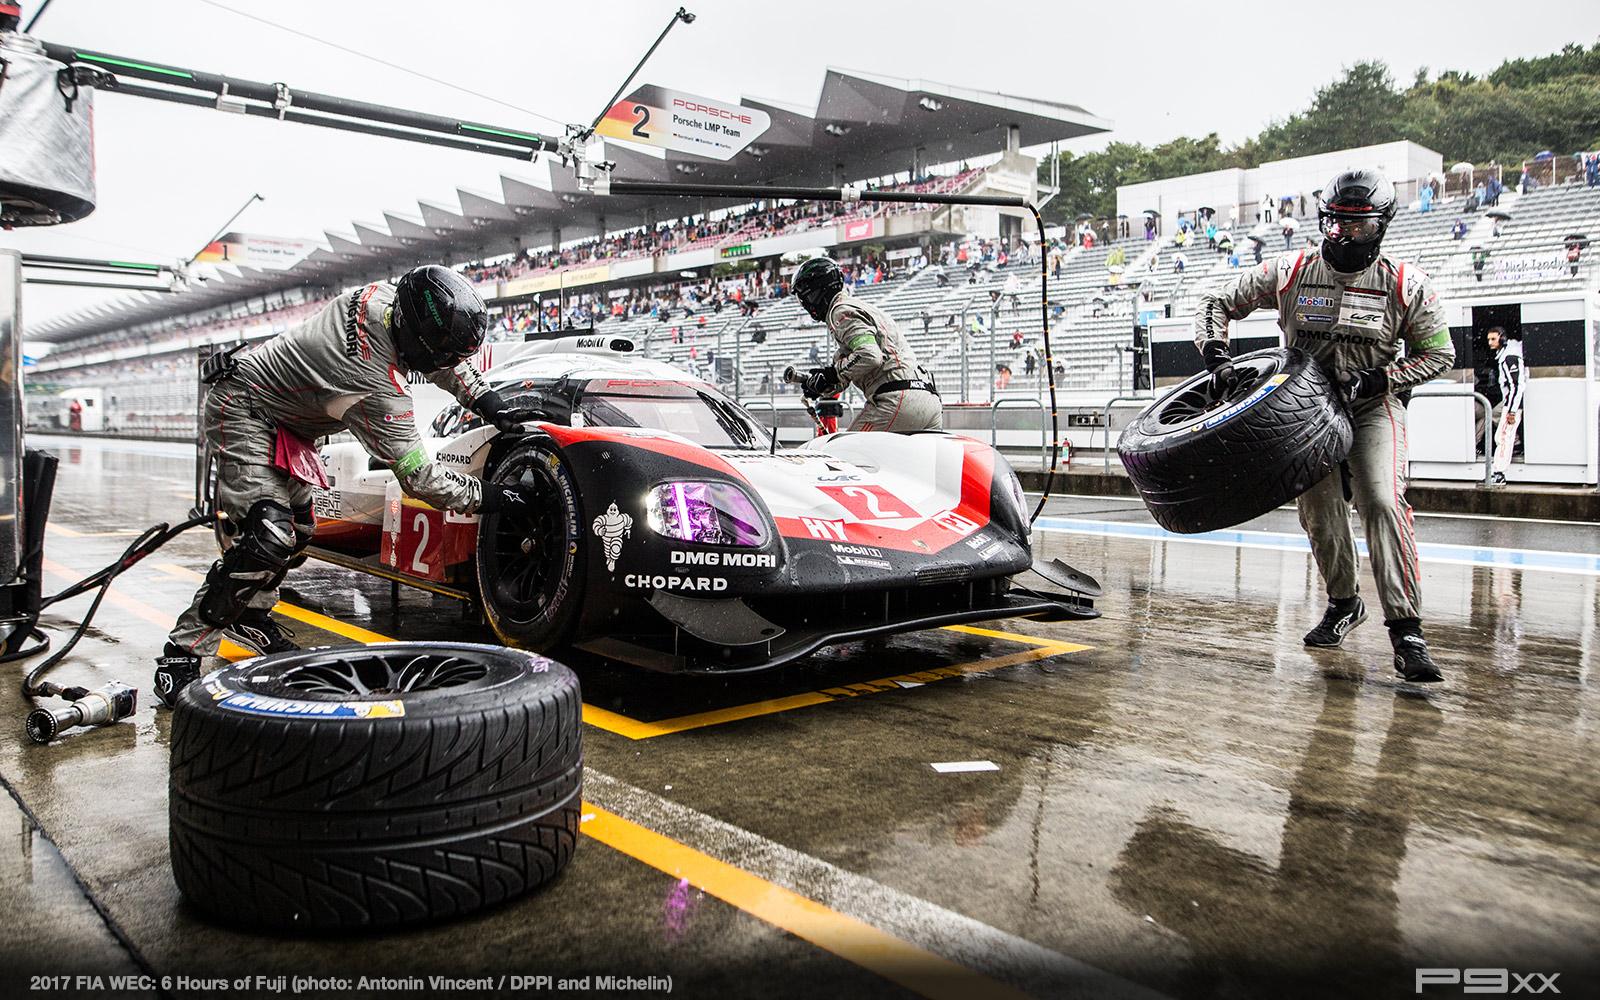 2017-FIA-WEC-6h-of-Fuji-Porsche-Fuji_02117011_3455313